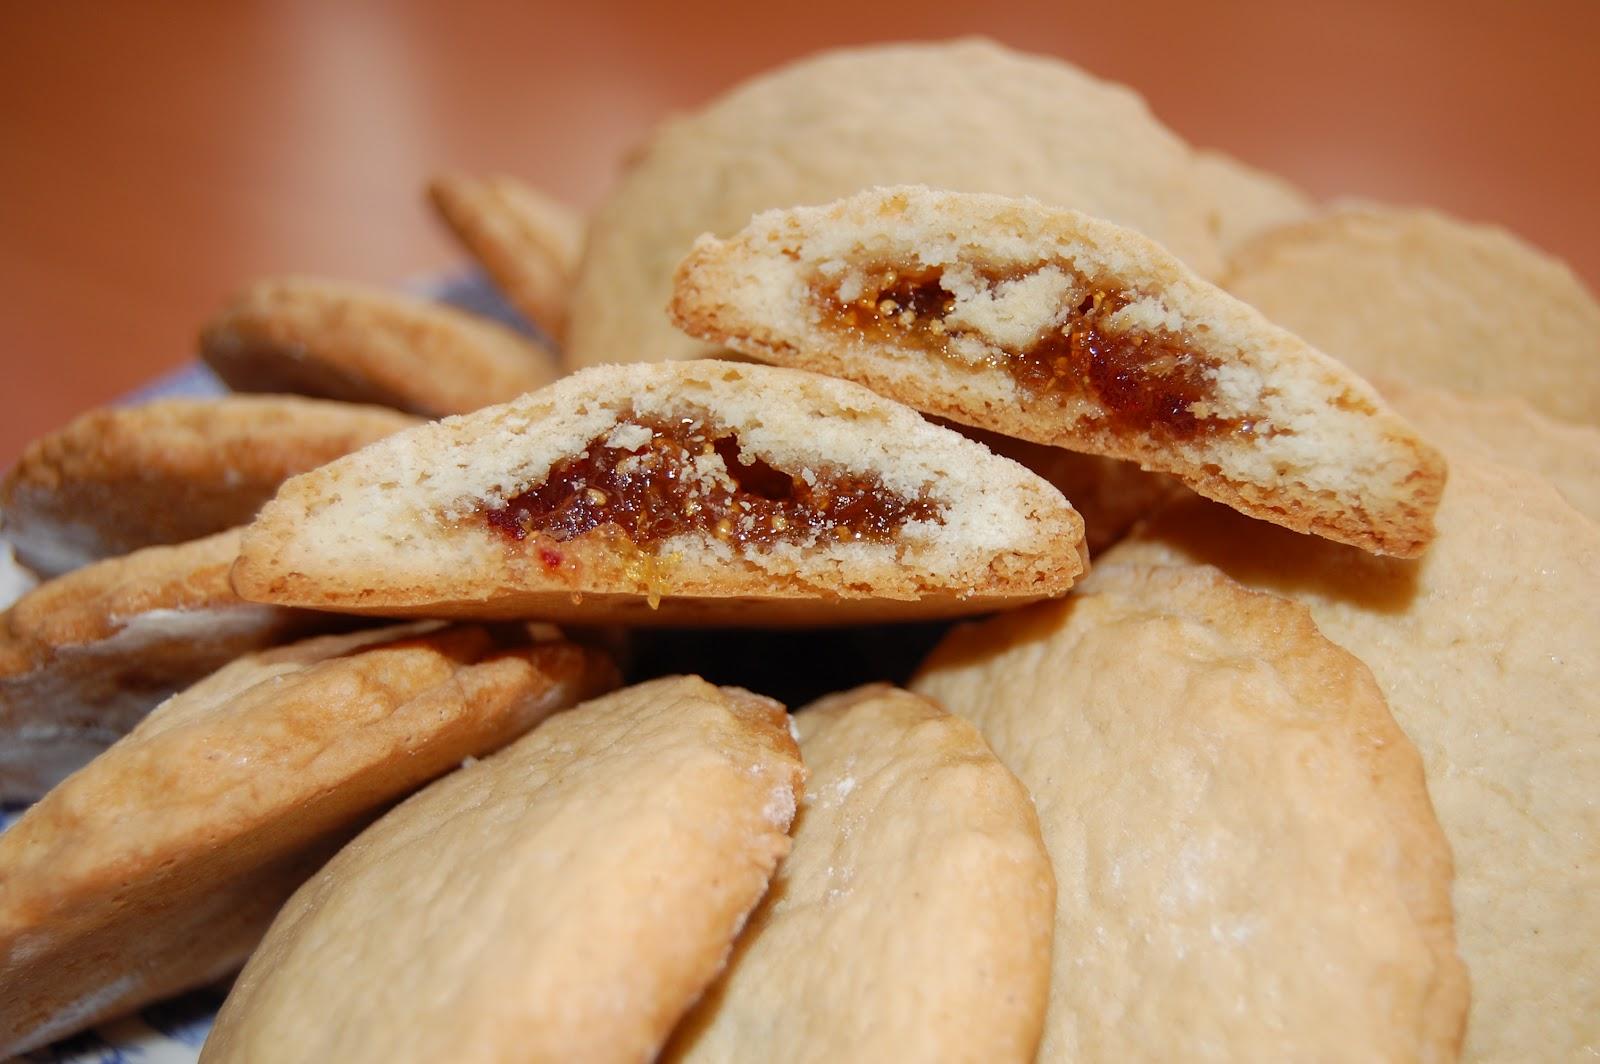 http://azucarenmicocina.blogspot.com.es/2012/08/galletas-de-higo.html